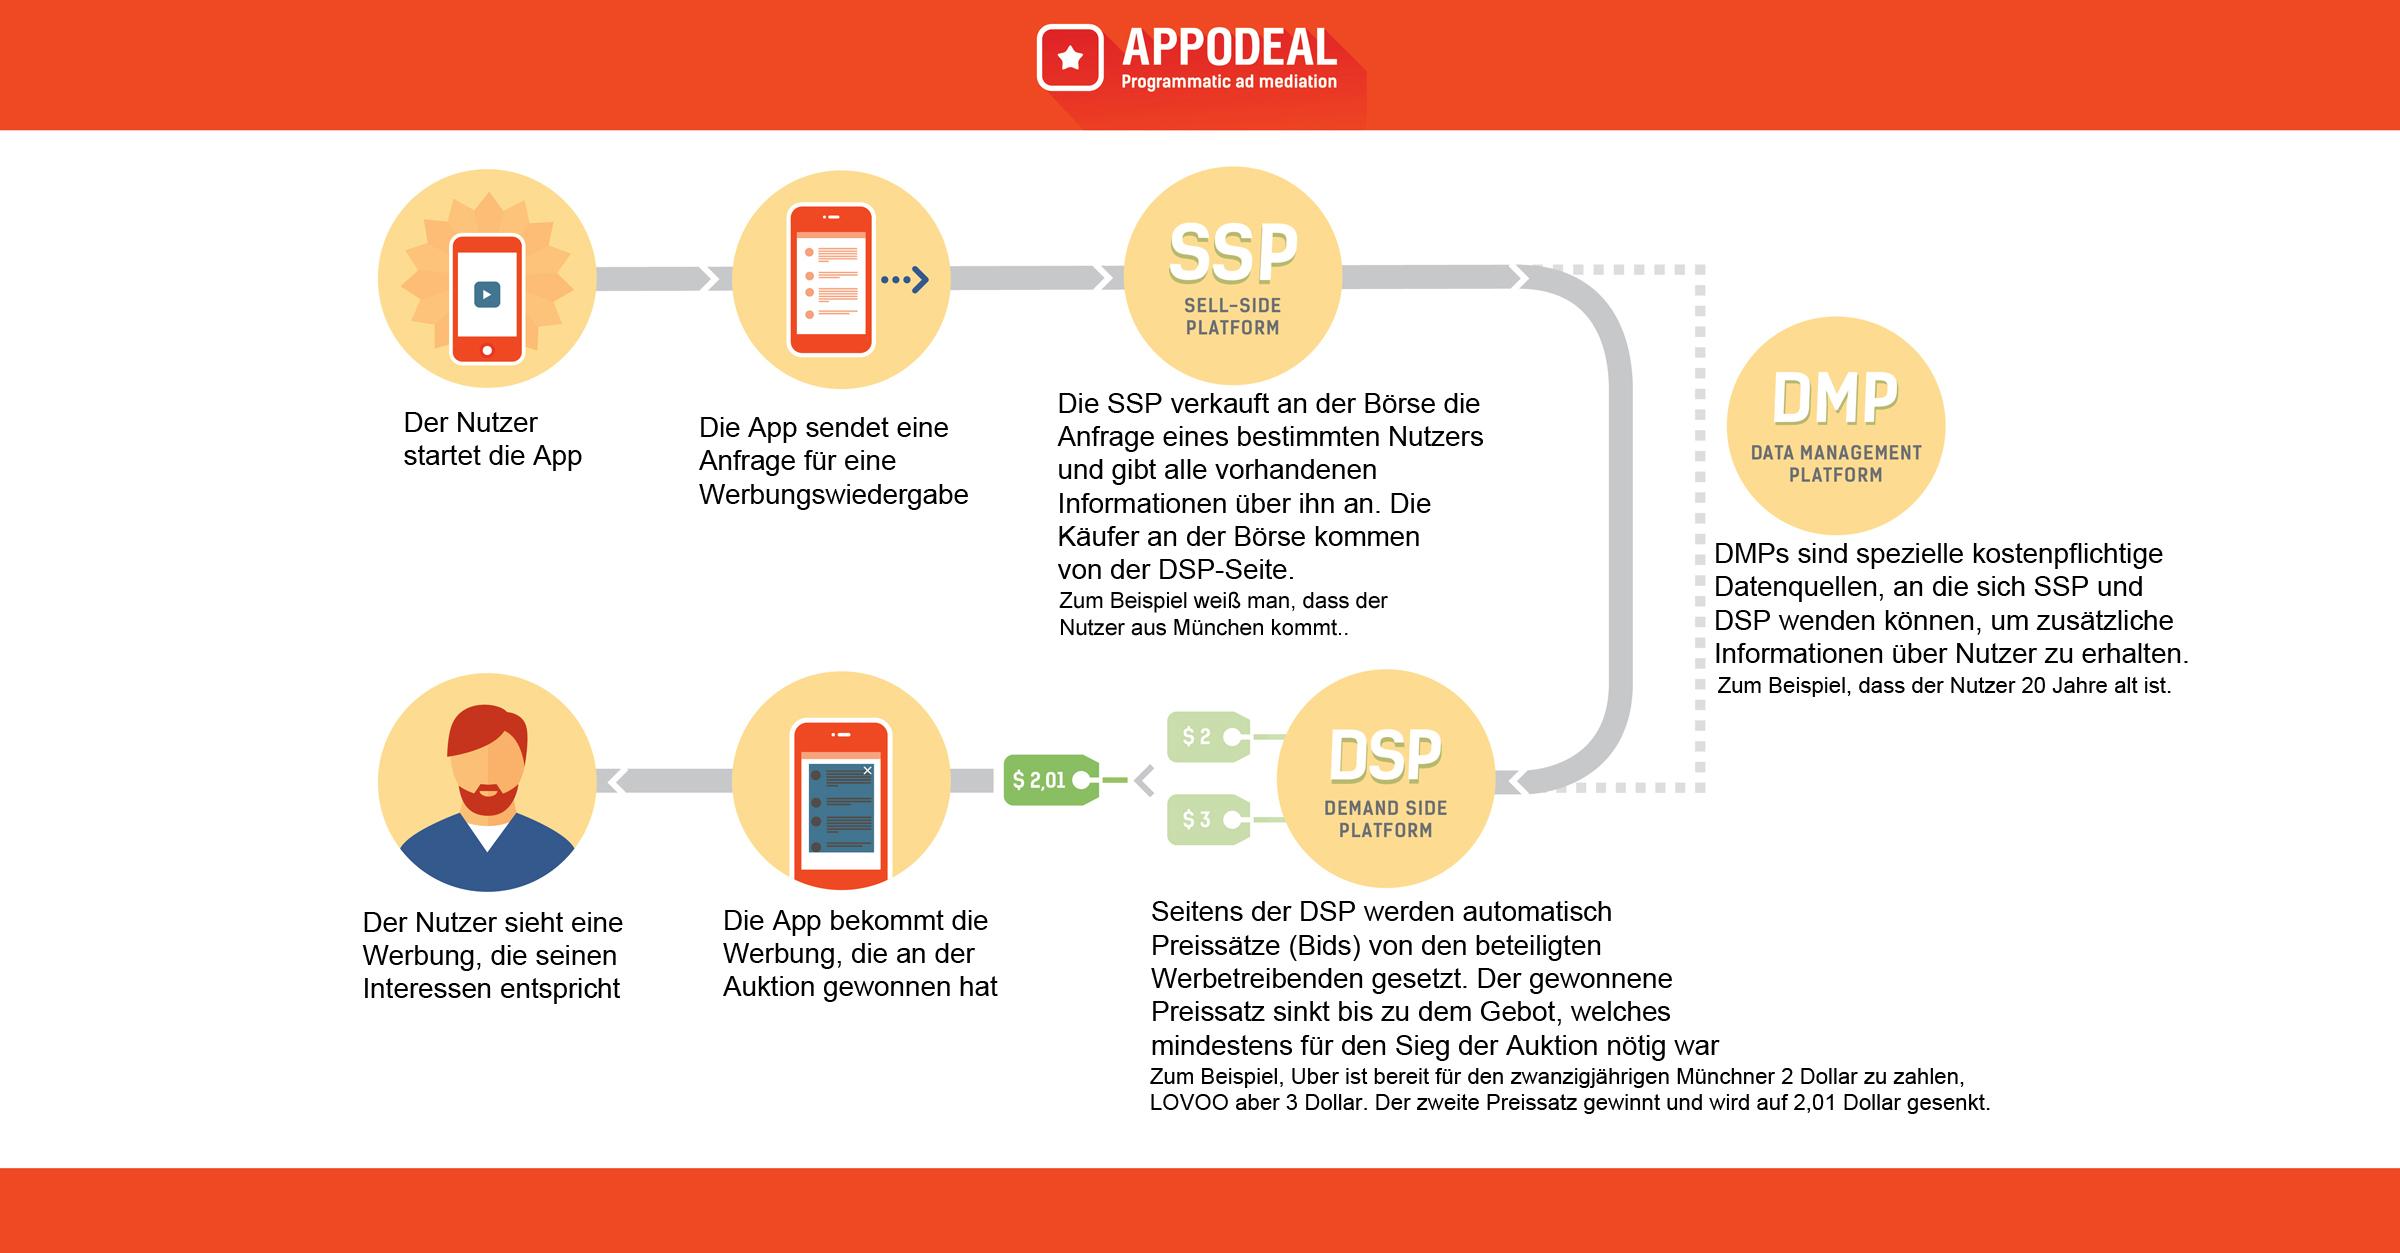 Infografik von Appodeal zu Real-Time Bidding